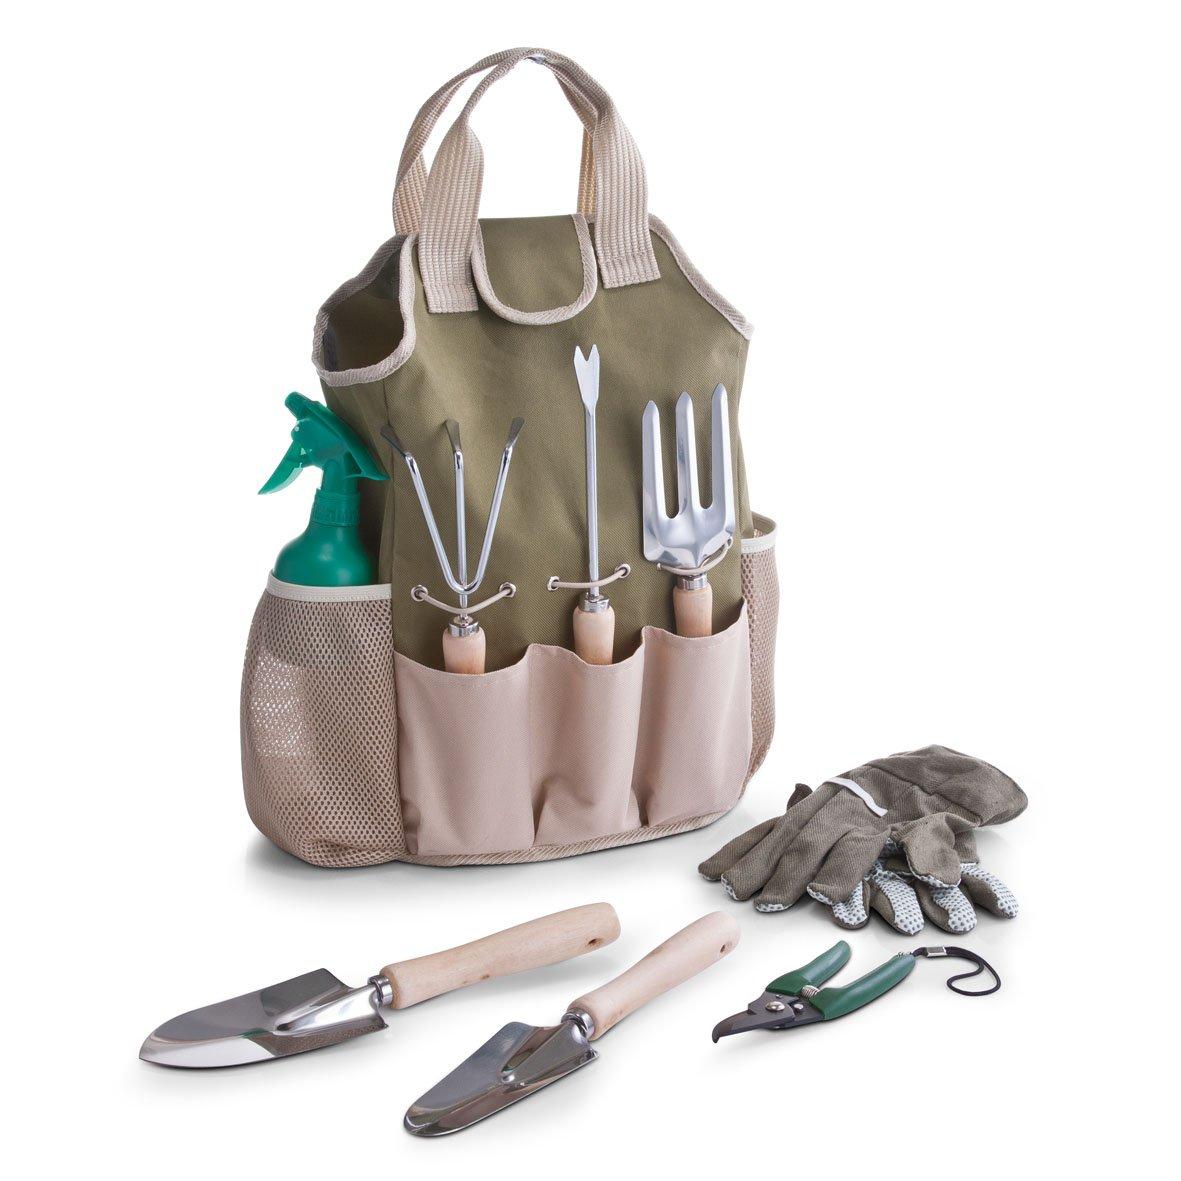 Zeller 16001 ensemble d\'outils de jardinage, 9 pièces avec ...